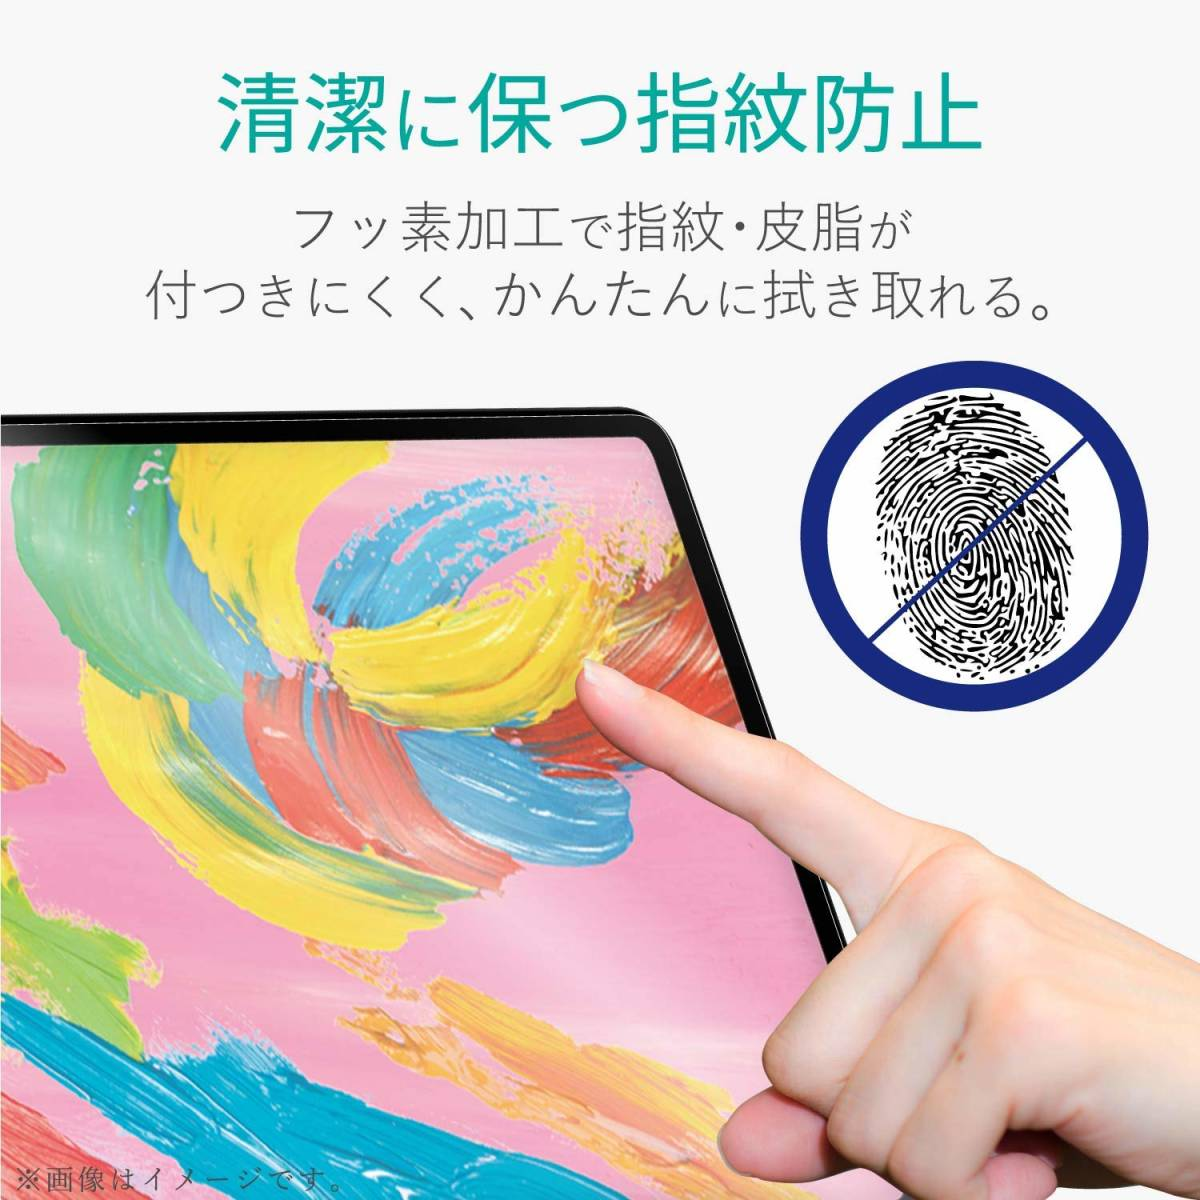 新品◆ELECOM iPad Pro 2018モデル 12.9インチ 強化ガラスフィルム◆_画像6